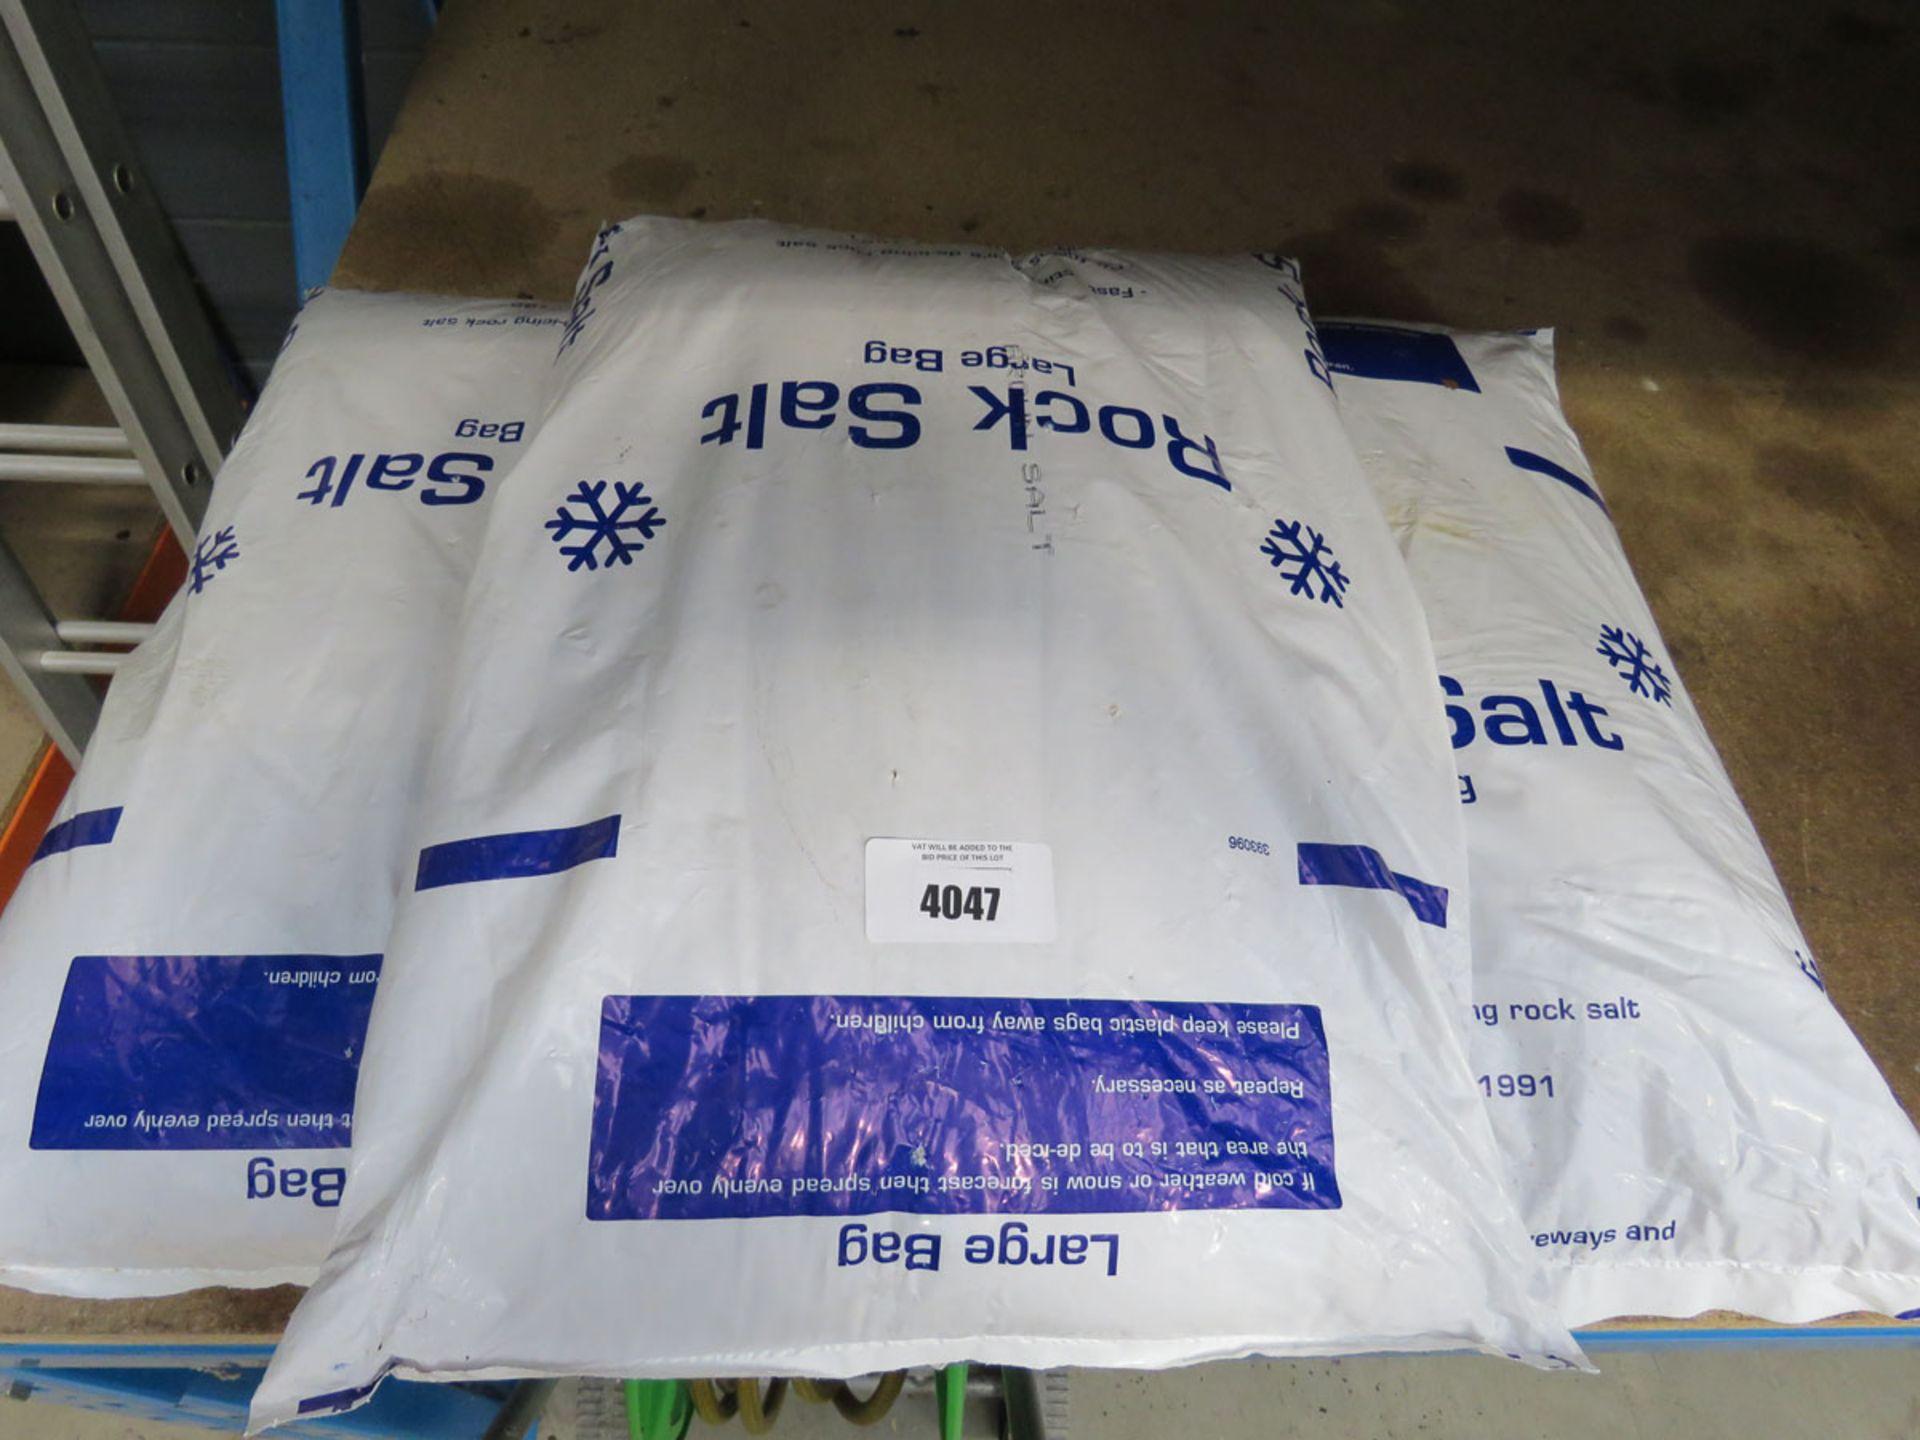 3 bags of rock salt